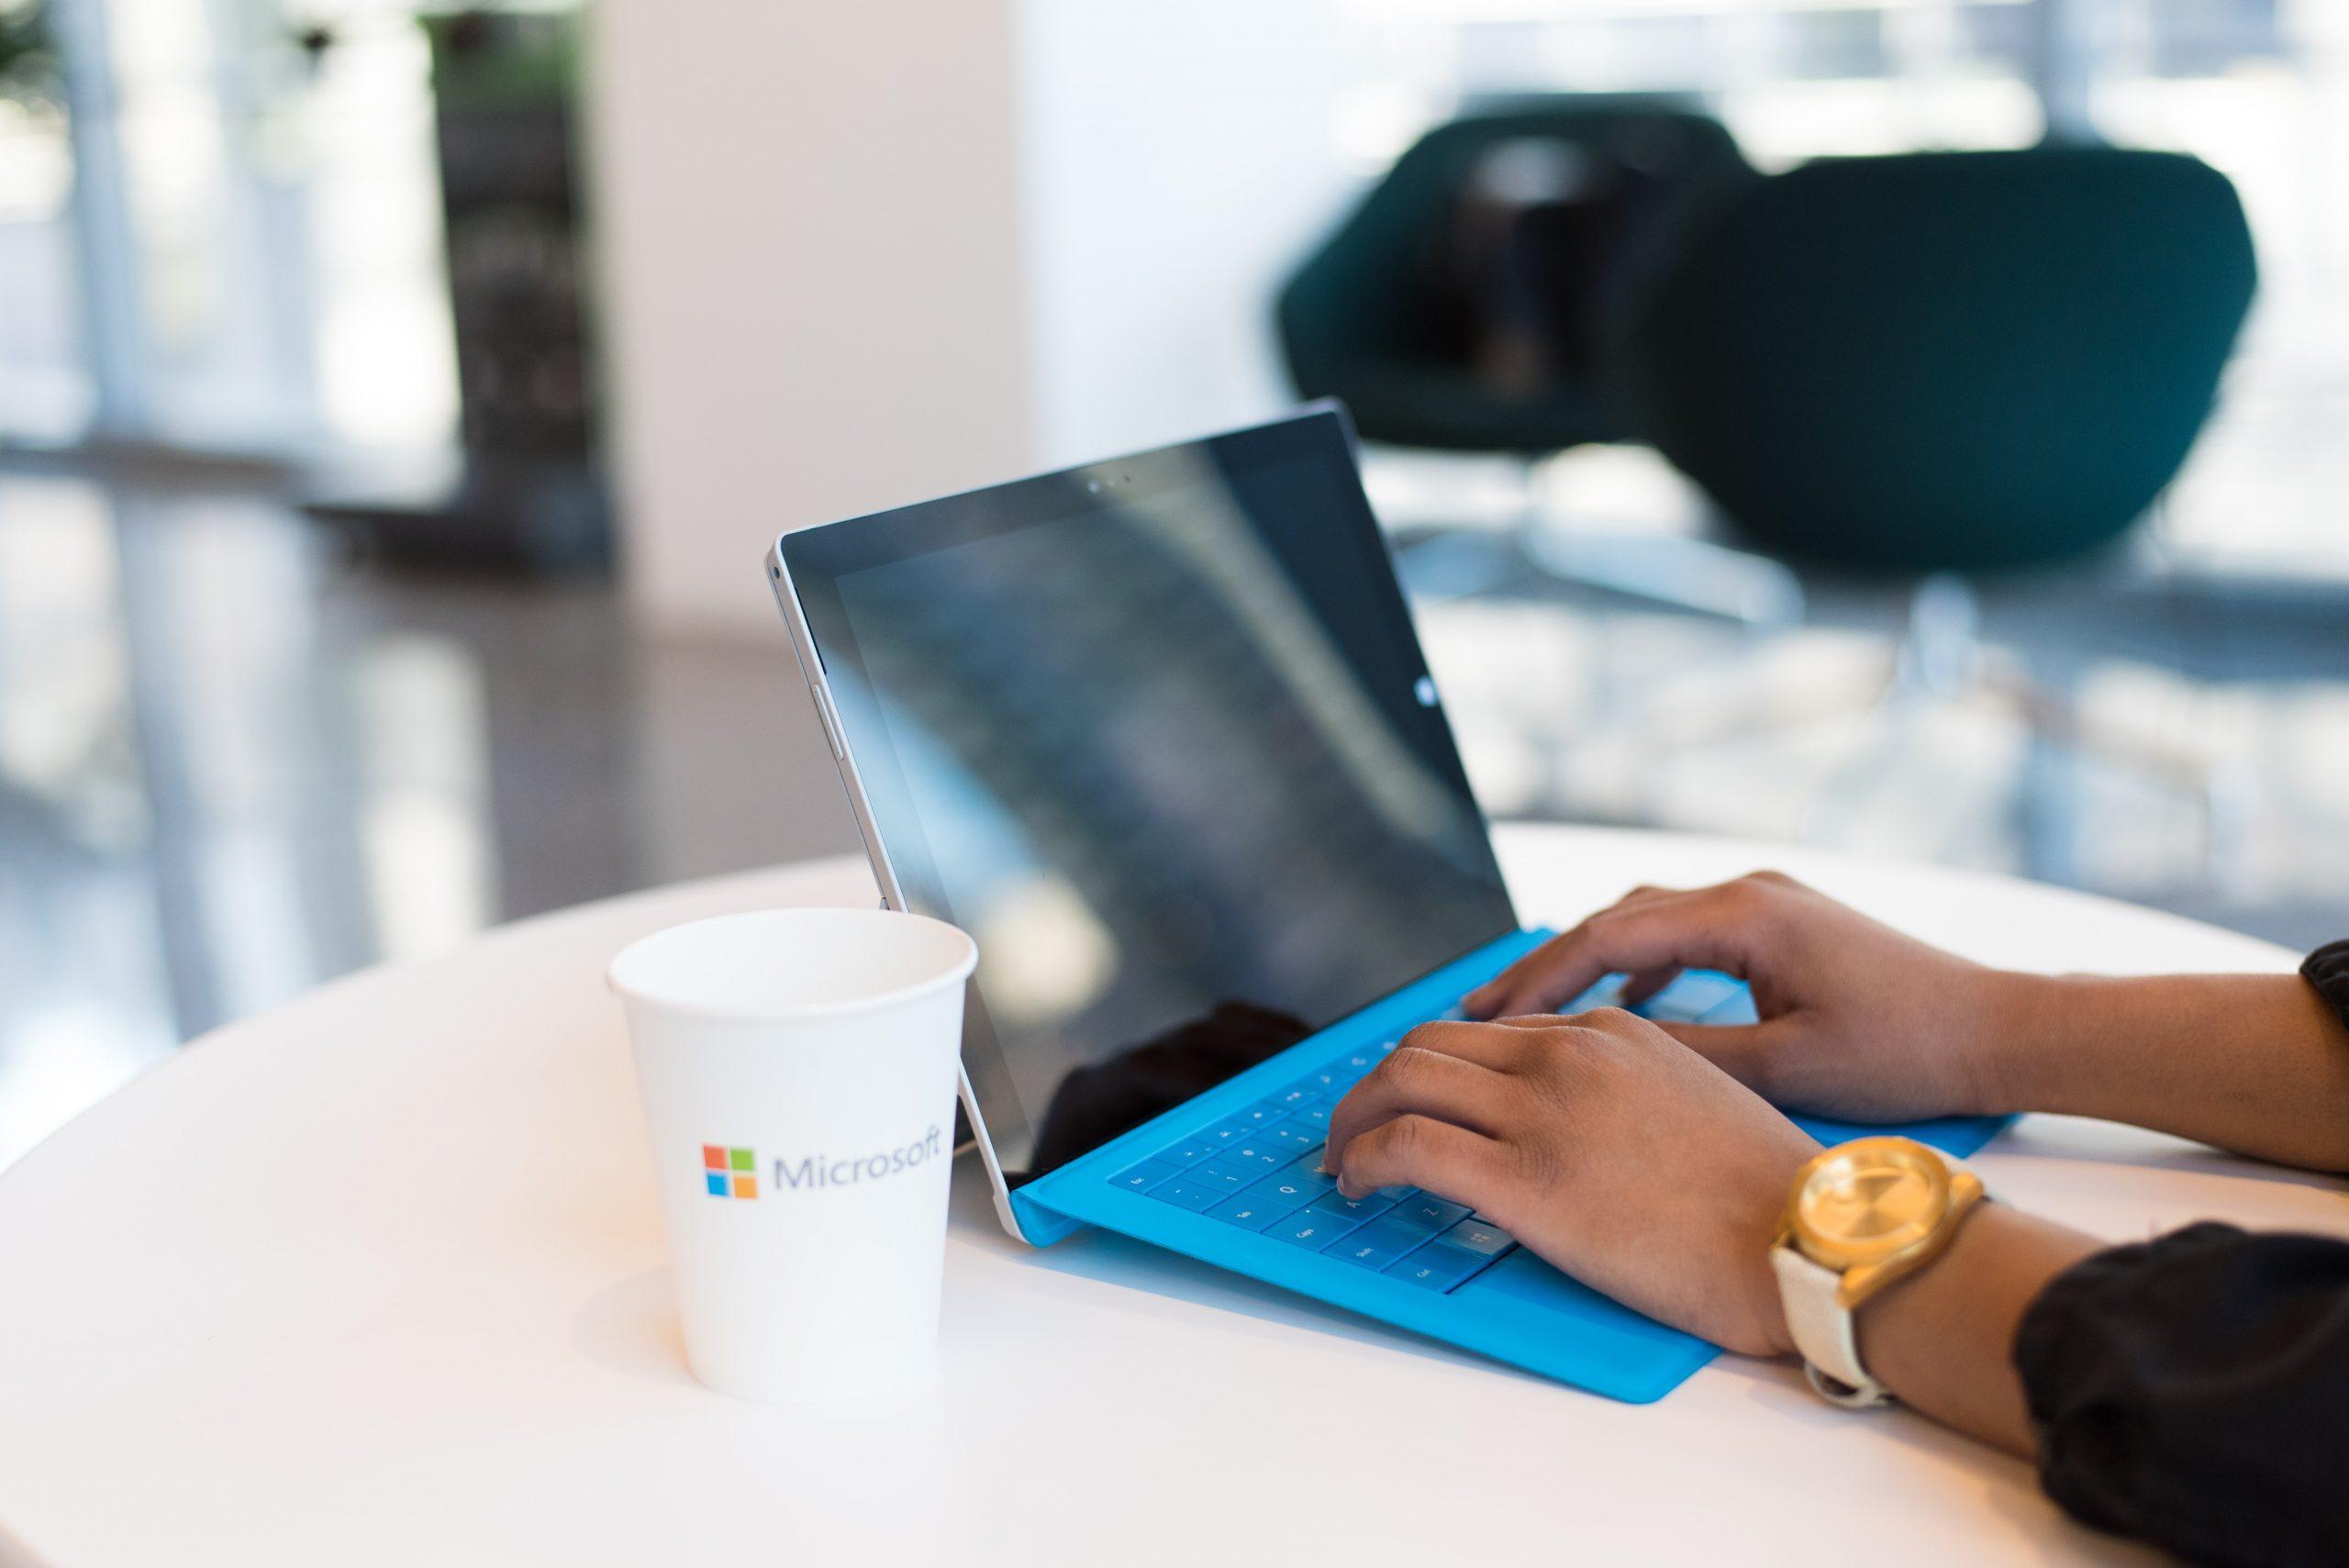 Tablette Microsoft avec tasse en carton et mains